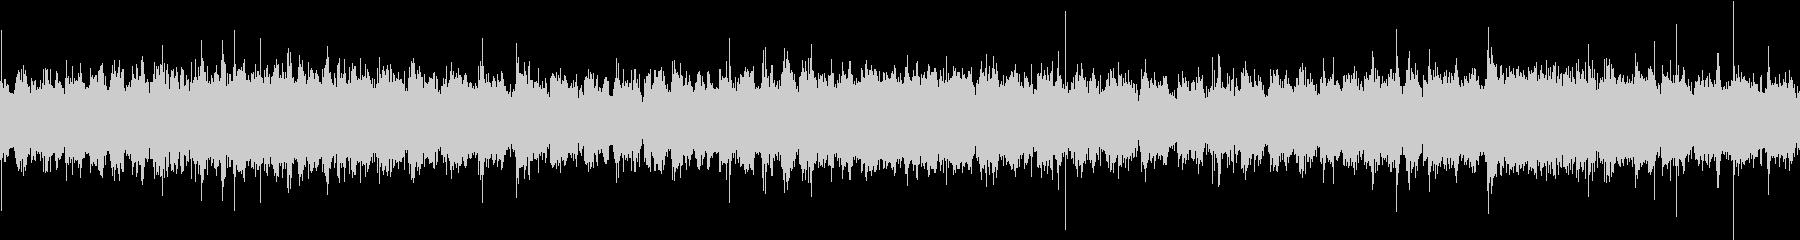 水車の音(ループ用)の未再生の波形